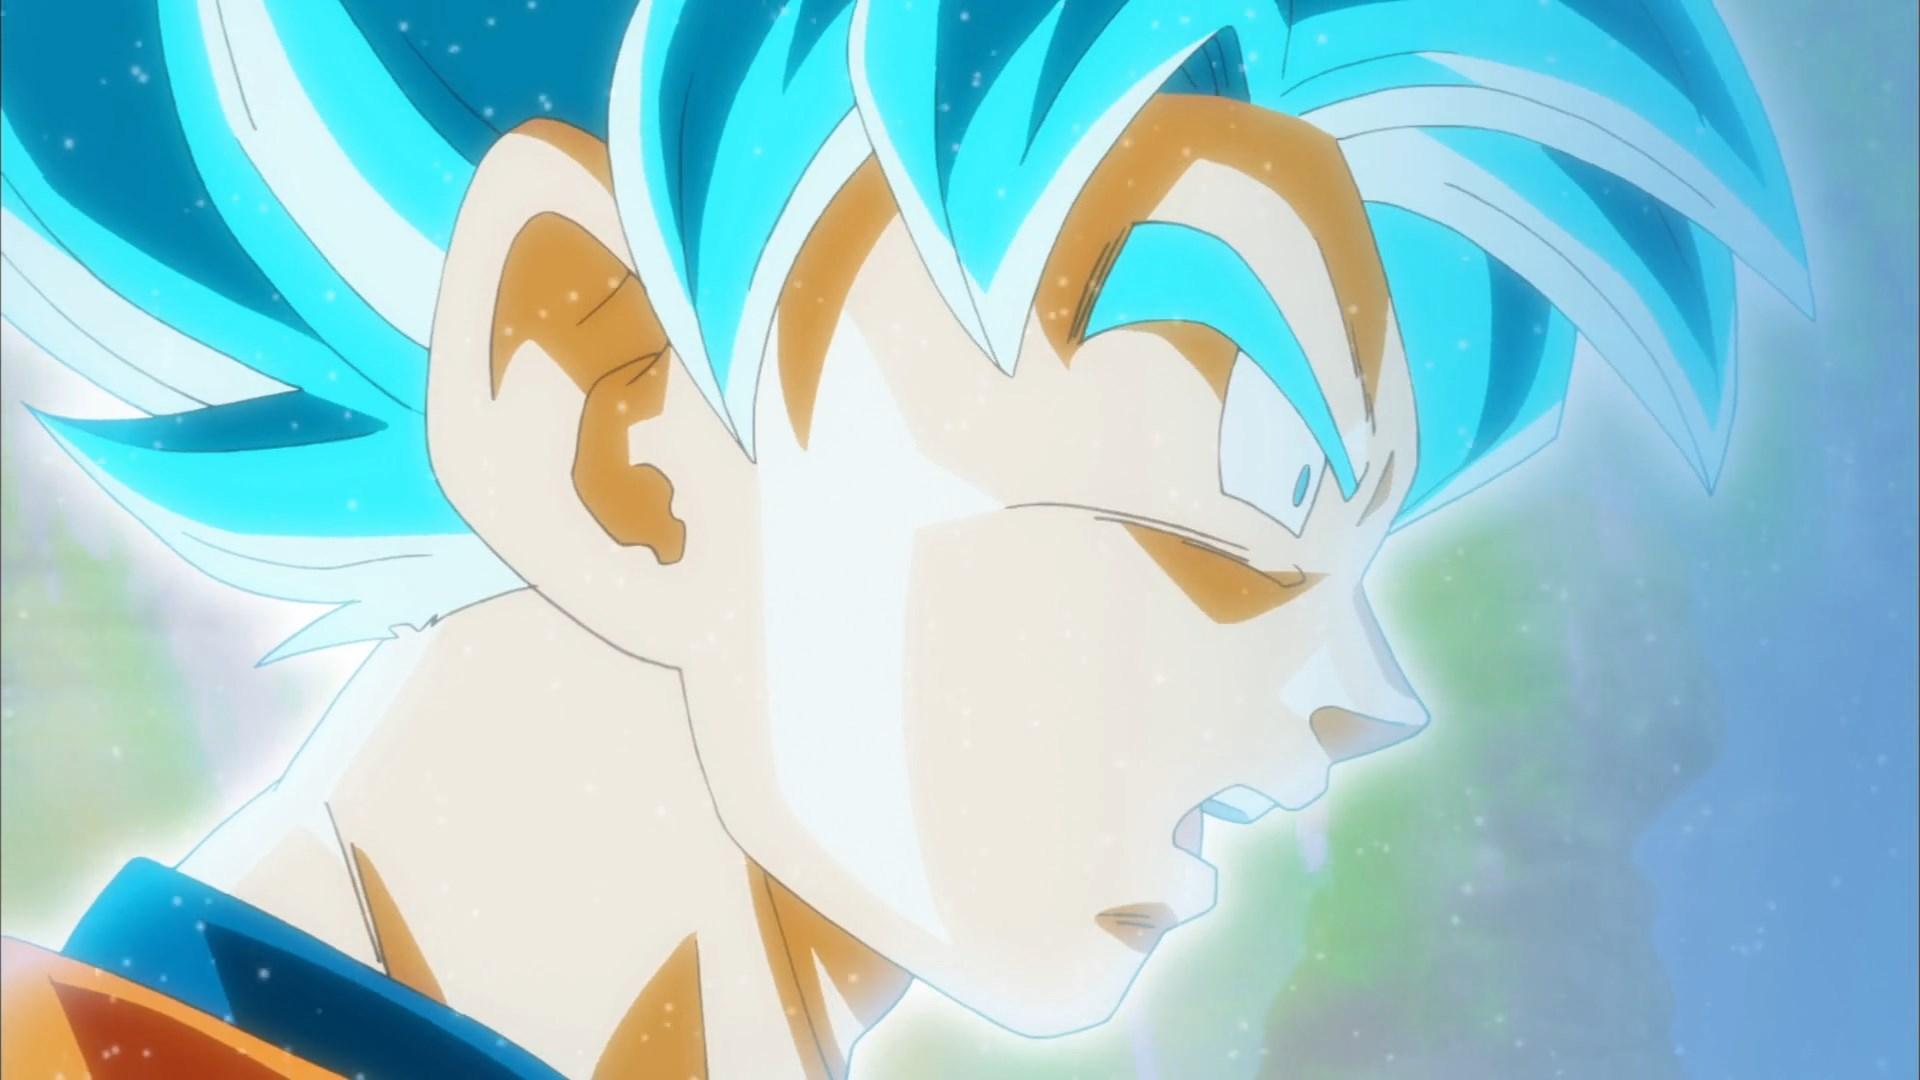 [DS] Dragon Ball Super 070 [1080p].mkv_snapshot_23.11_[2016.12.11_04.01.36]